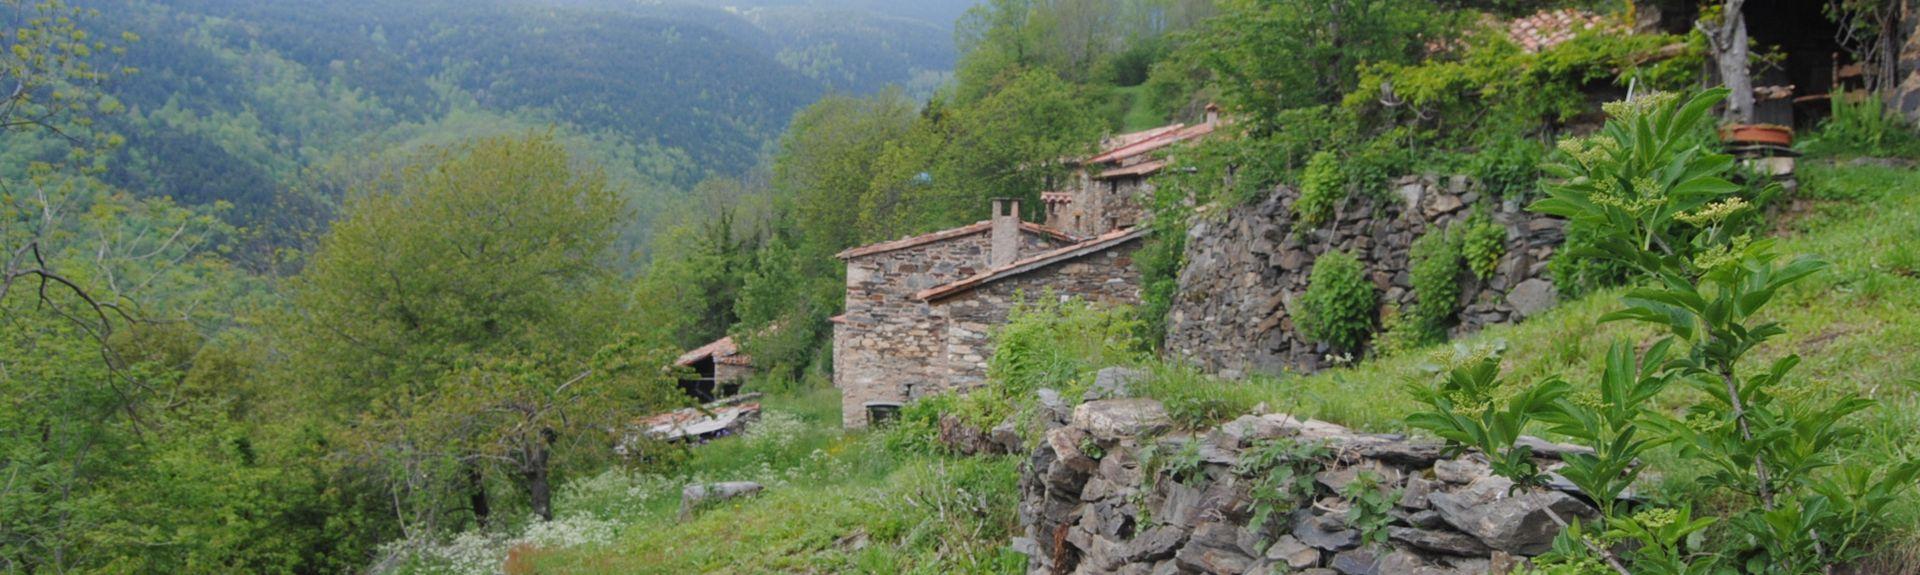 Serrat, Girona, Spain